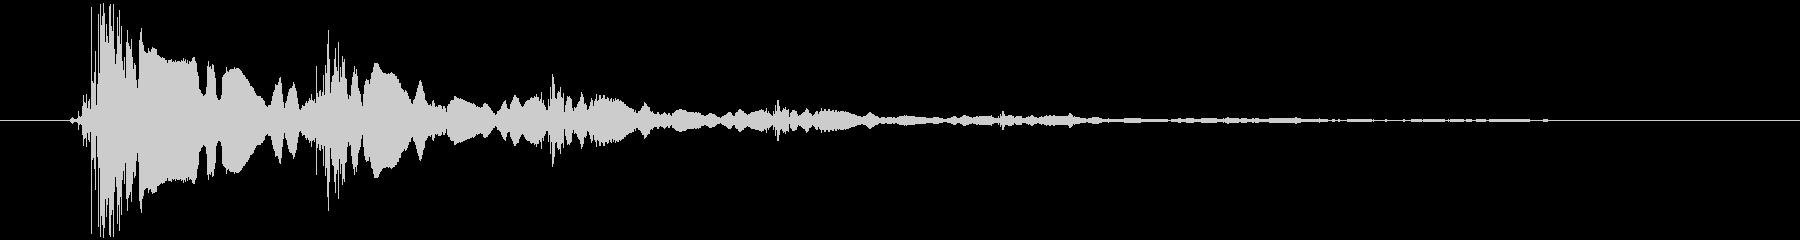 短いエレキギターのロゴの未再生の波形